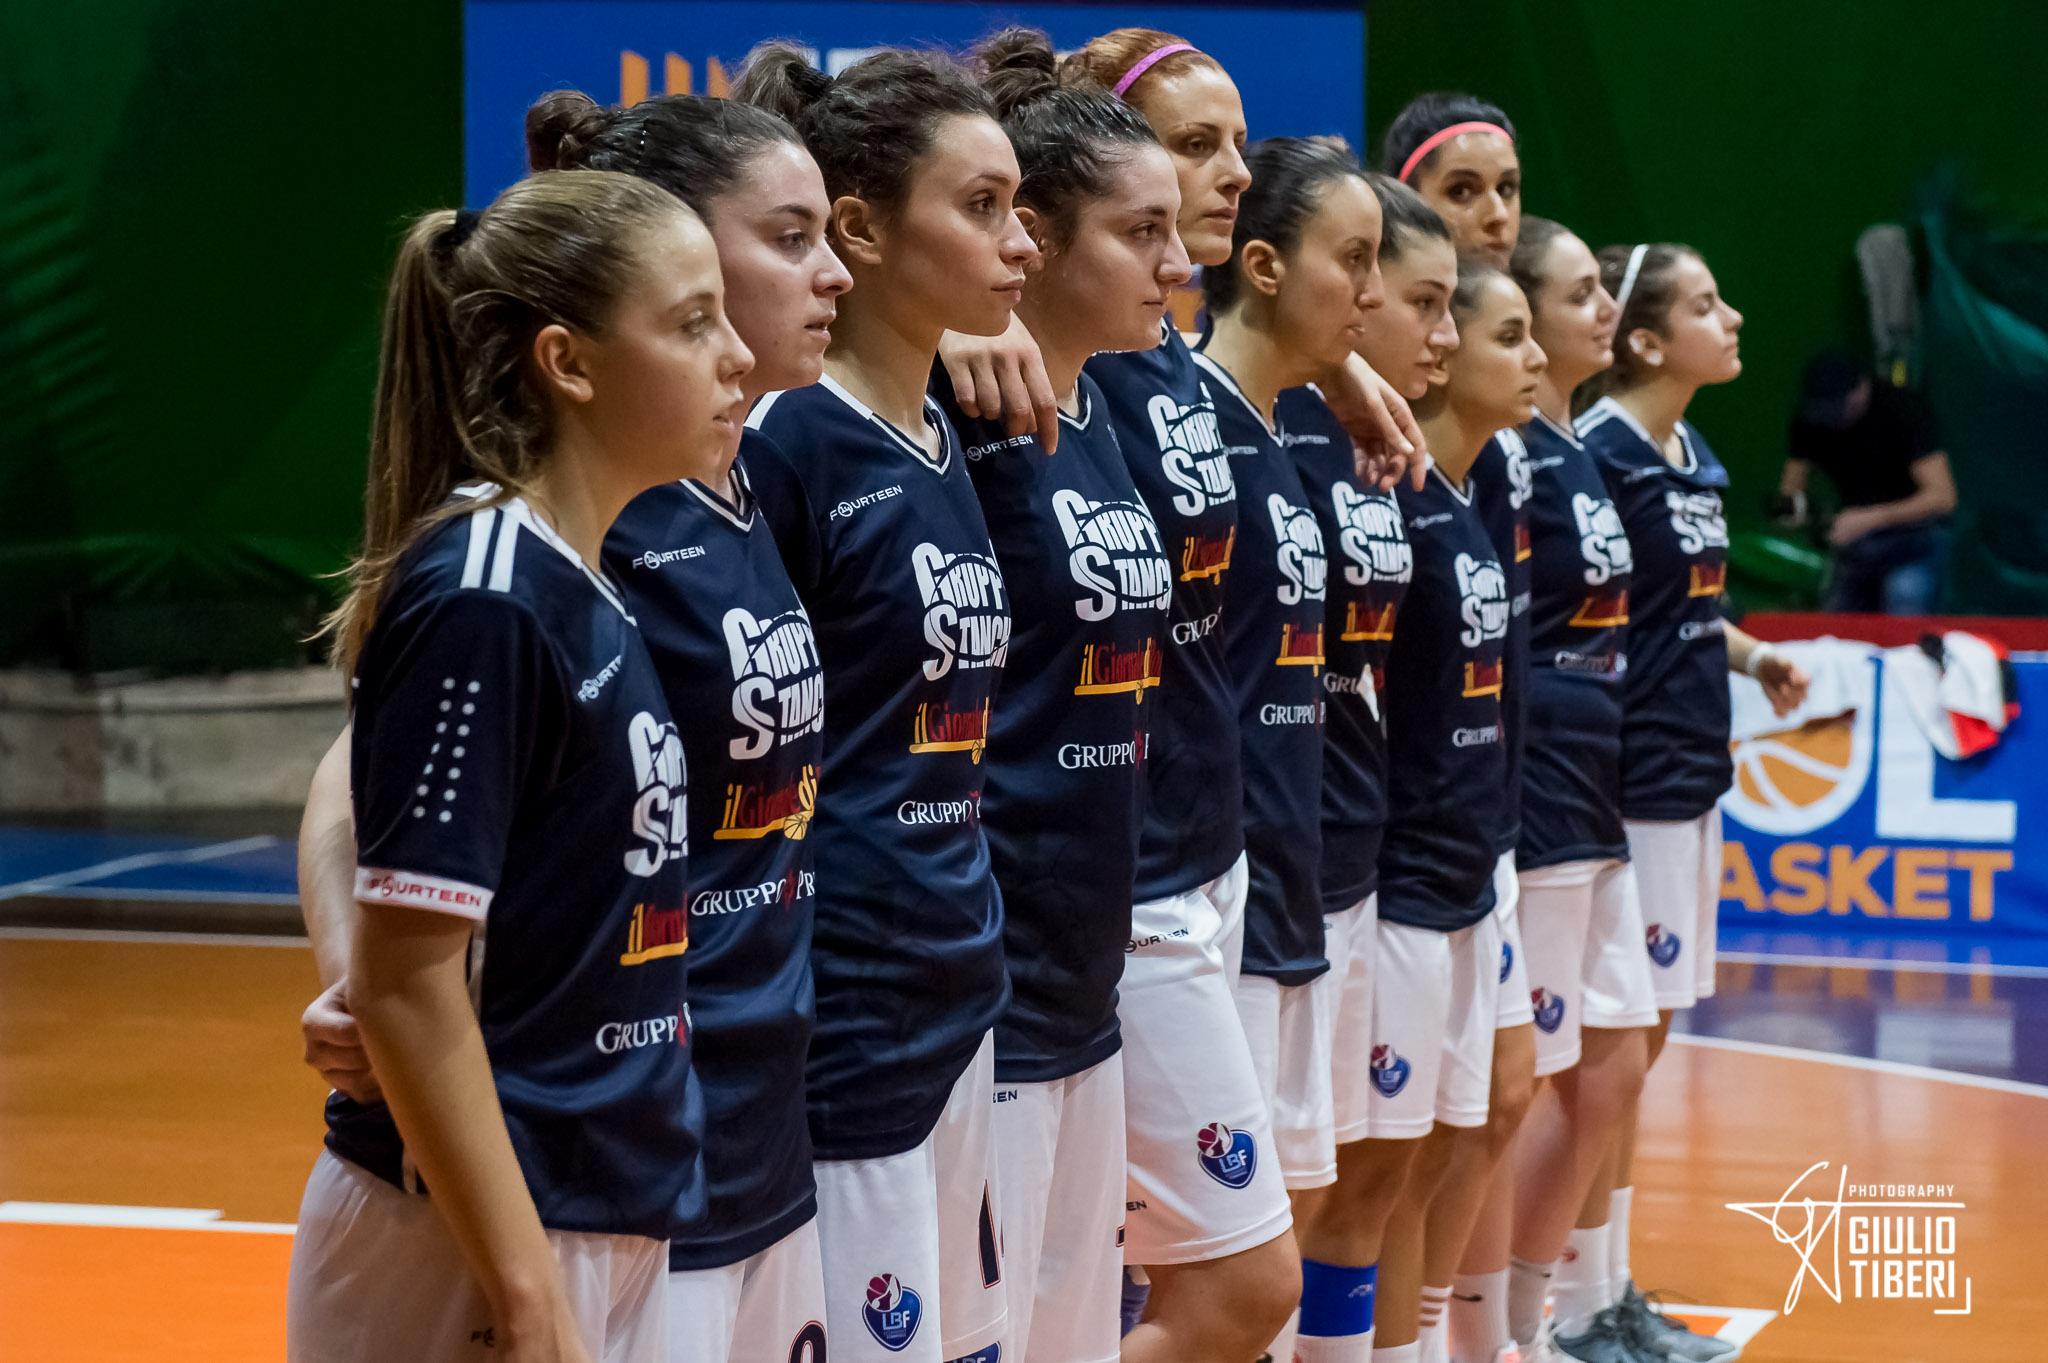 A2 Femminile girone Sud 12^di ritorno 2018-19: in campo Gruppo Stanchi Athena, AndrosBasket Palermo, Elìte Roma, La Molisana Magnolia Campobasso